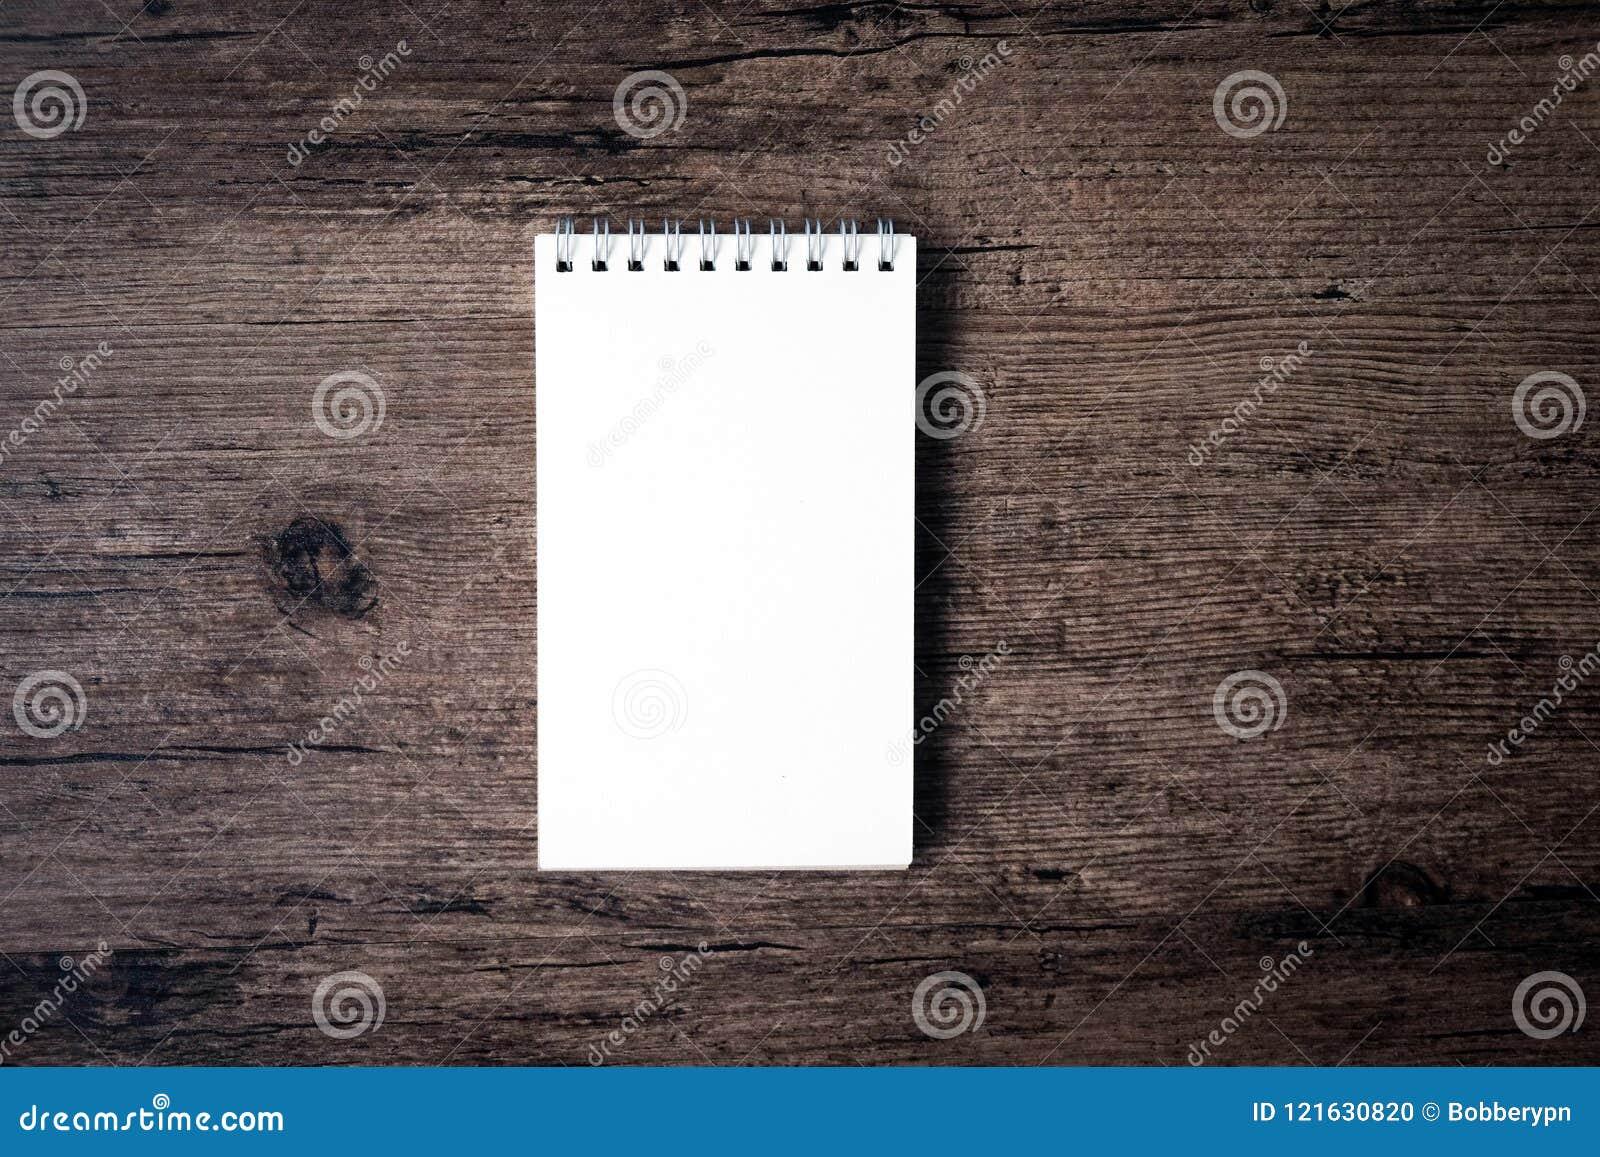 Imagen de la visión superior del cuaderno abierto con la página en blanco en TA de madera